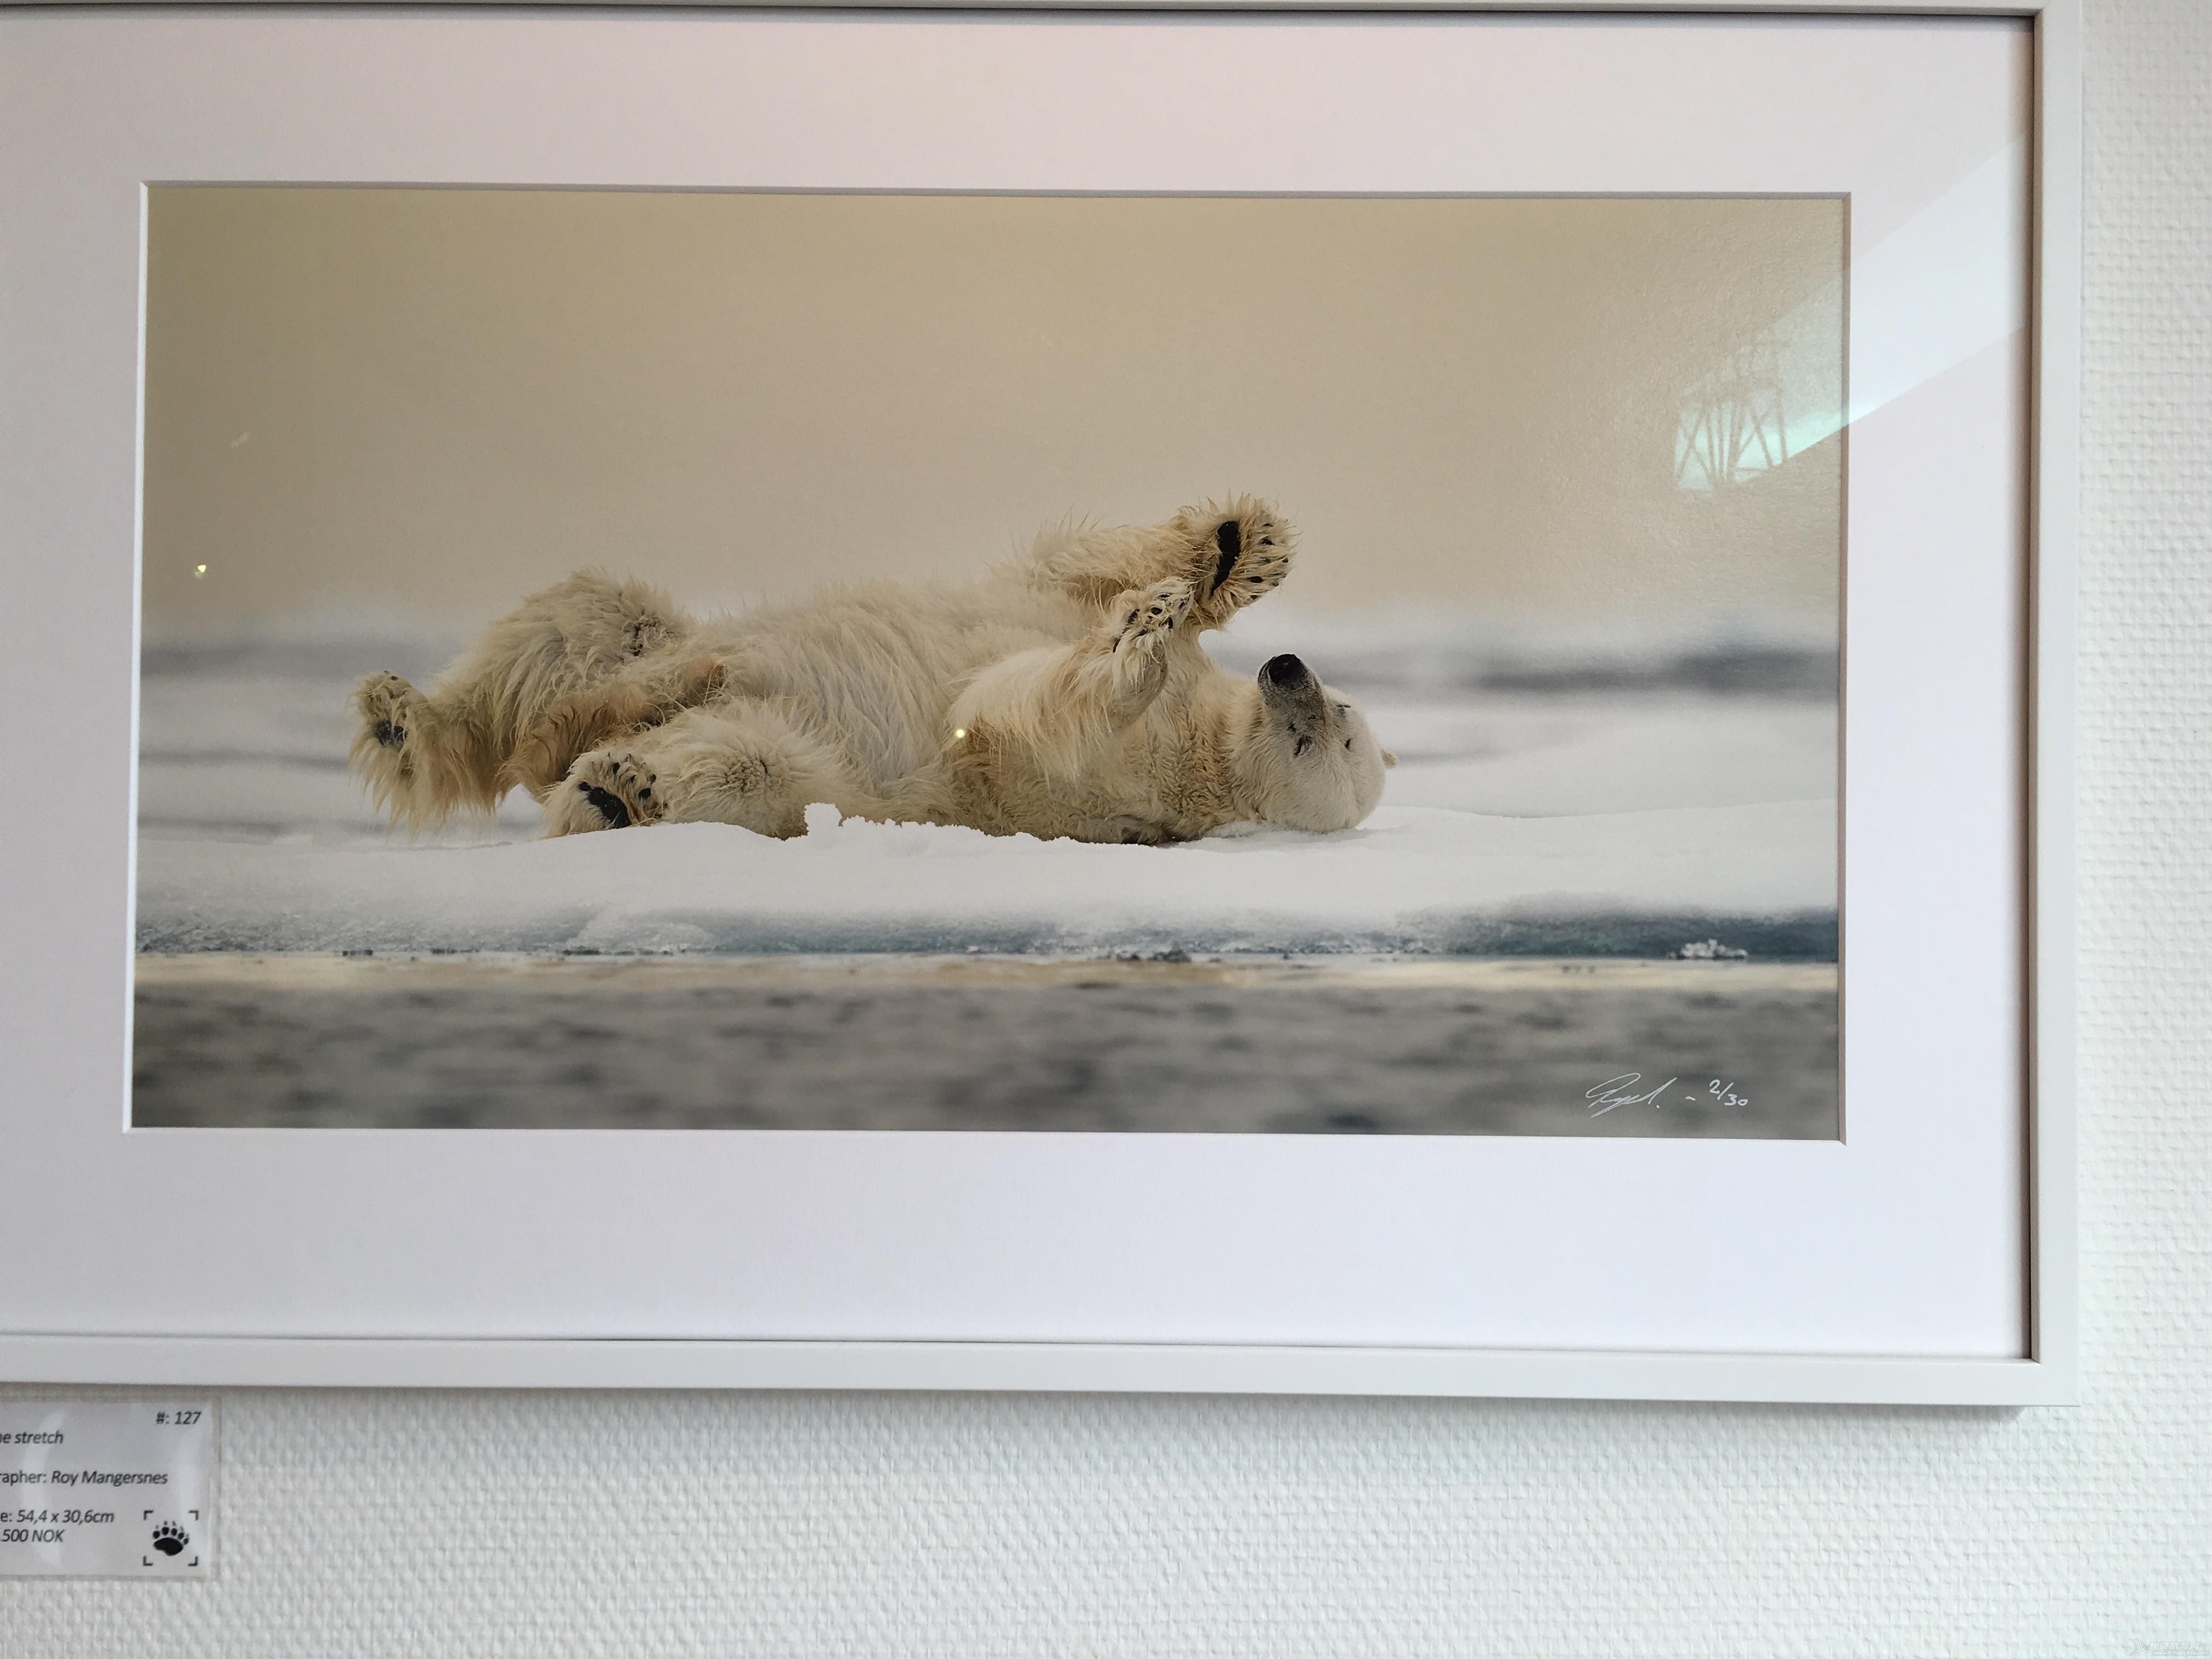 比基尼,北极圈,卫生纸,男男女女,wifi 帆洲北极-五 北极圈内的离岸航行 IMG_7820.JPG